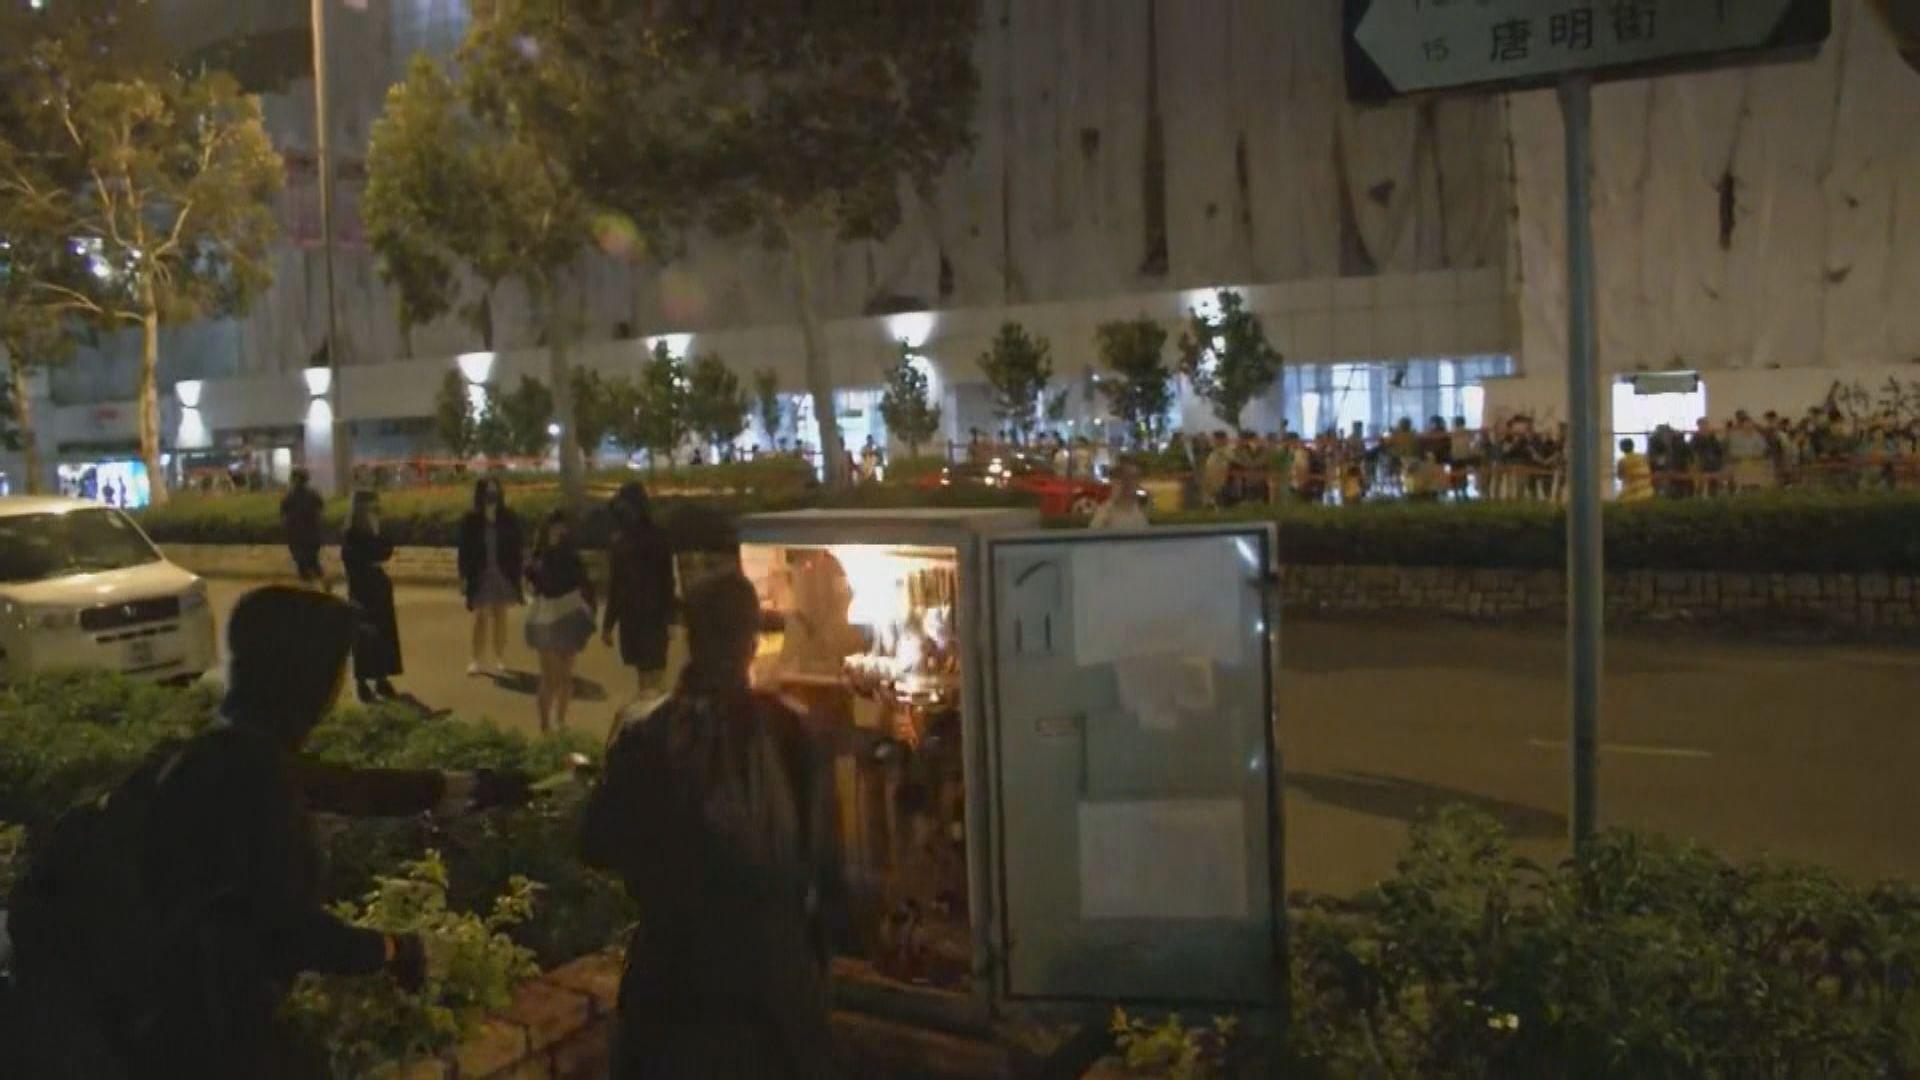 將軍澳近尚德邨有人堵路 路旁電箱被焚毀